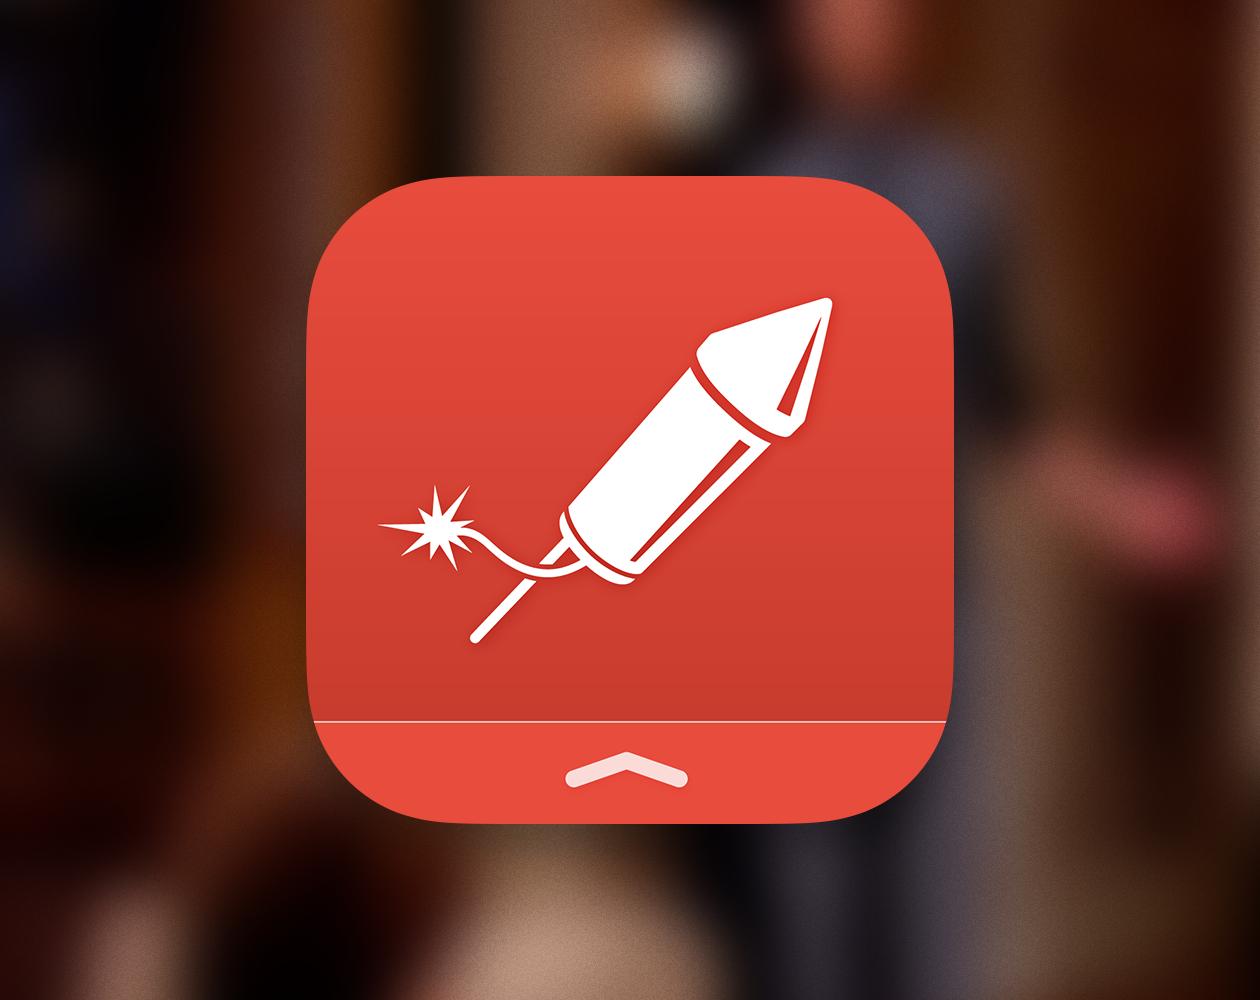 Launcher для iOS —необычный виджет, который пропустили в App Store спустя 3 месяца